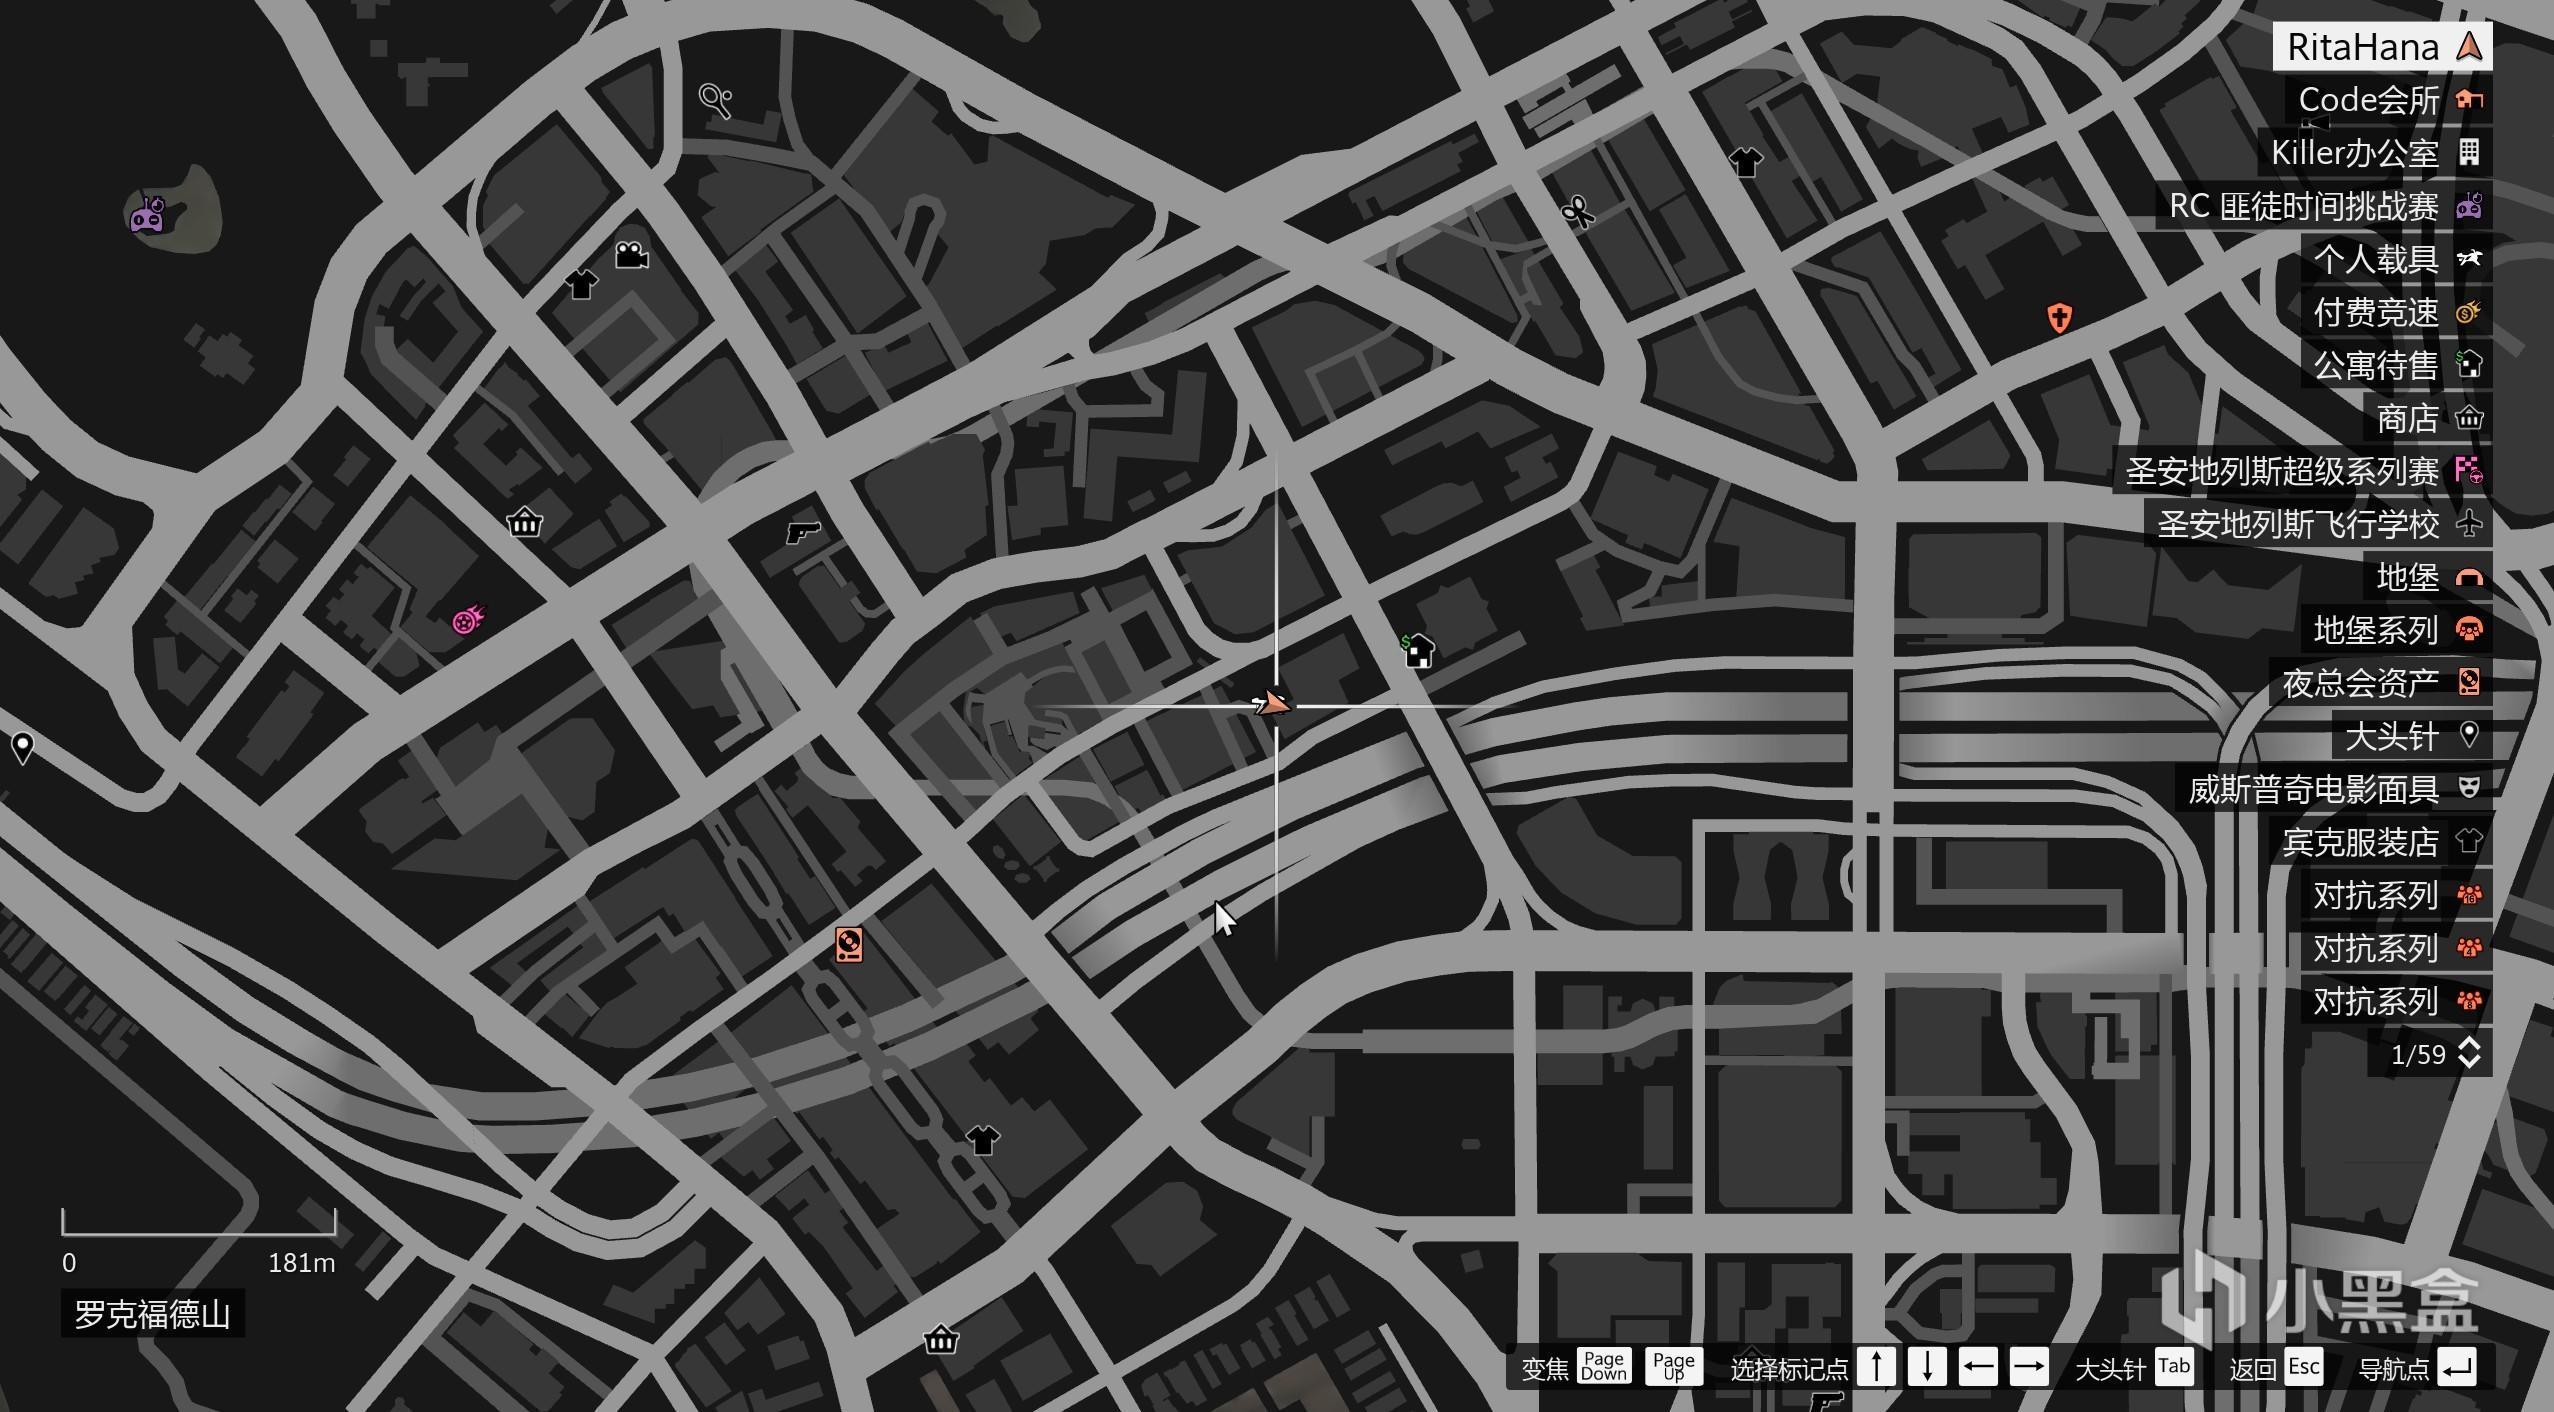 GTA5所罗门电影道具全收集插图3